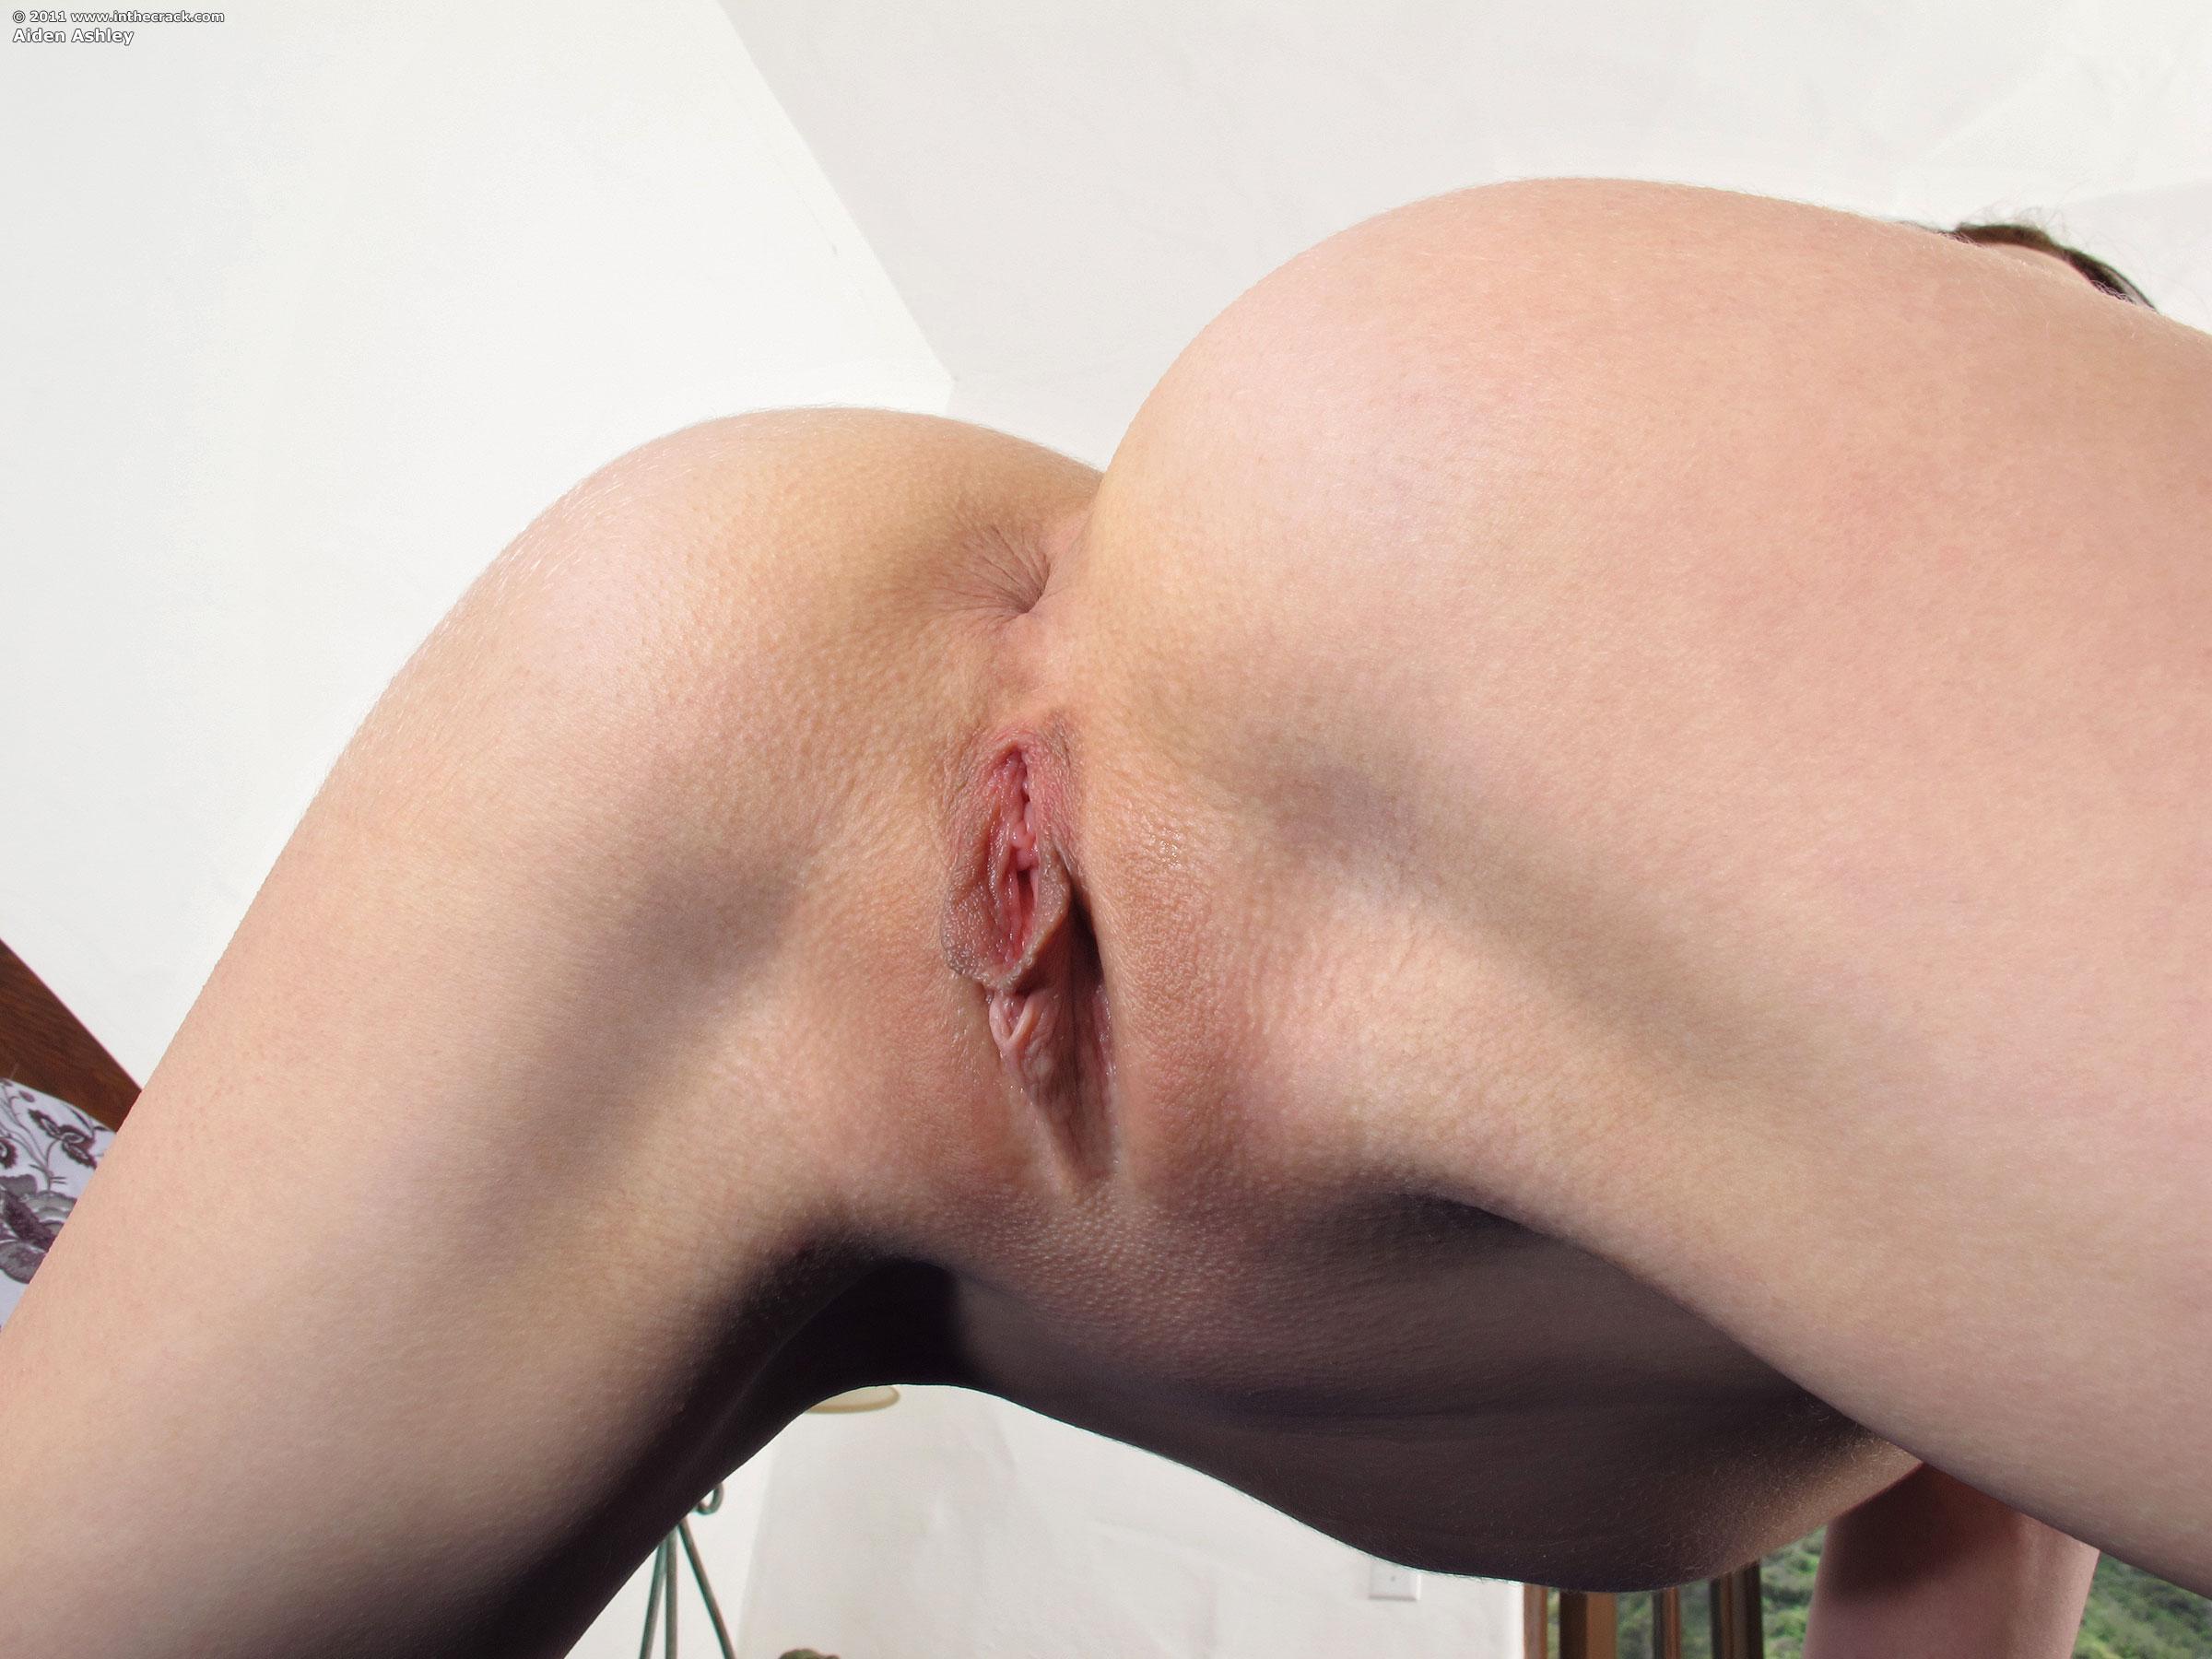 ashley olsen licking pussy